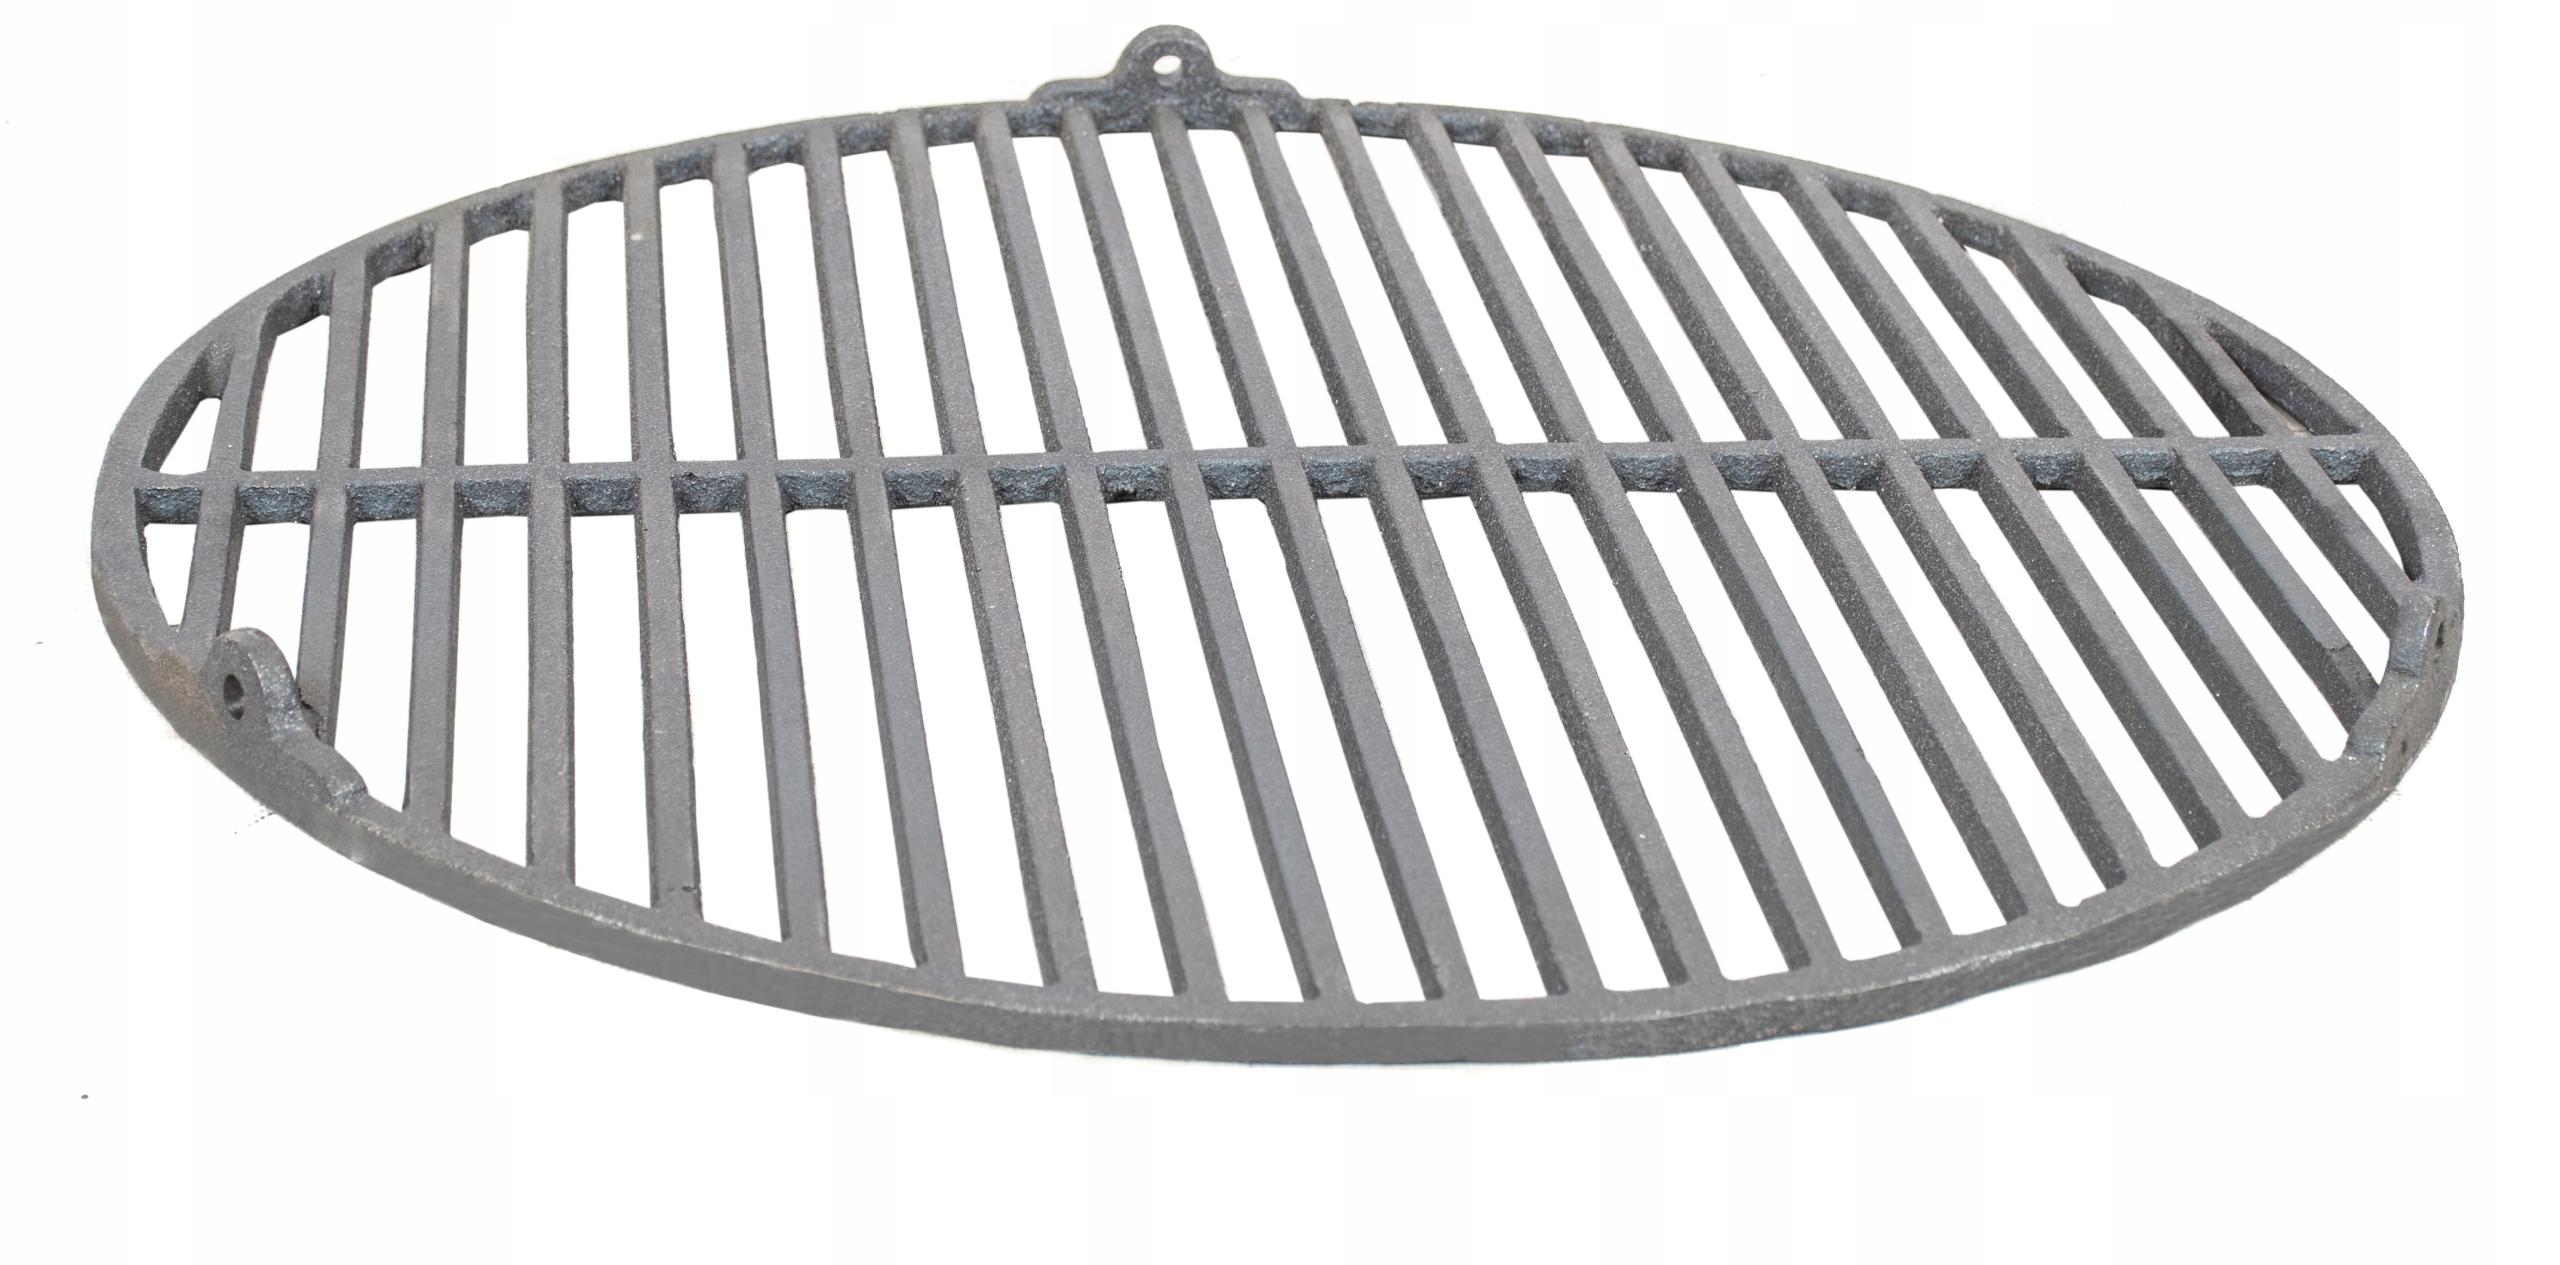 RUSZT ŻELIWNY na grilla OKRĄGŁY GRILL FI54 Szerokość grilla 54 cm